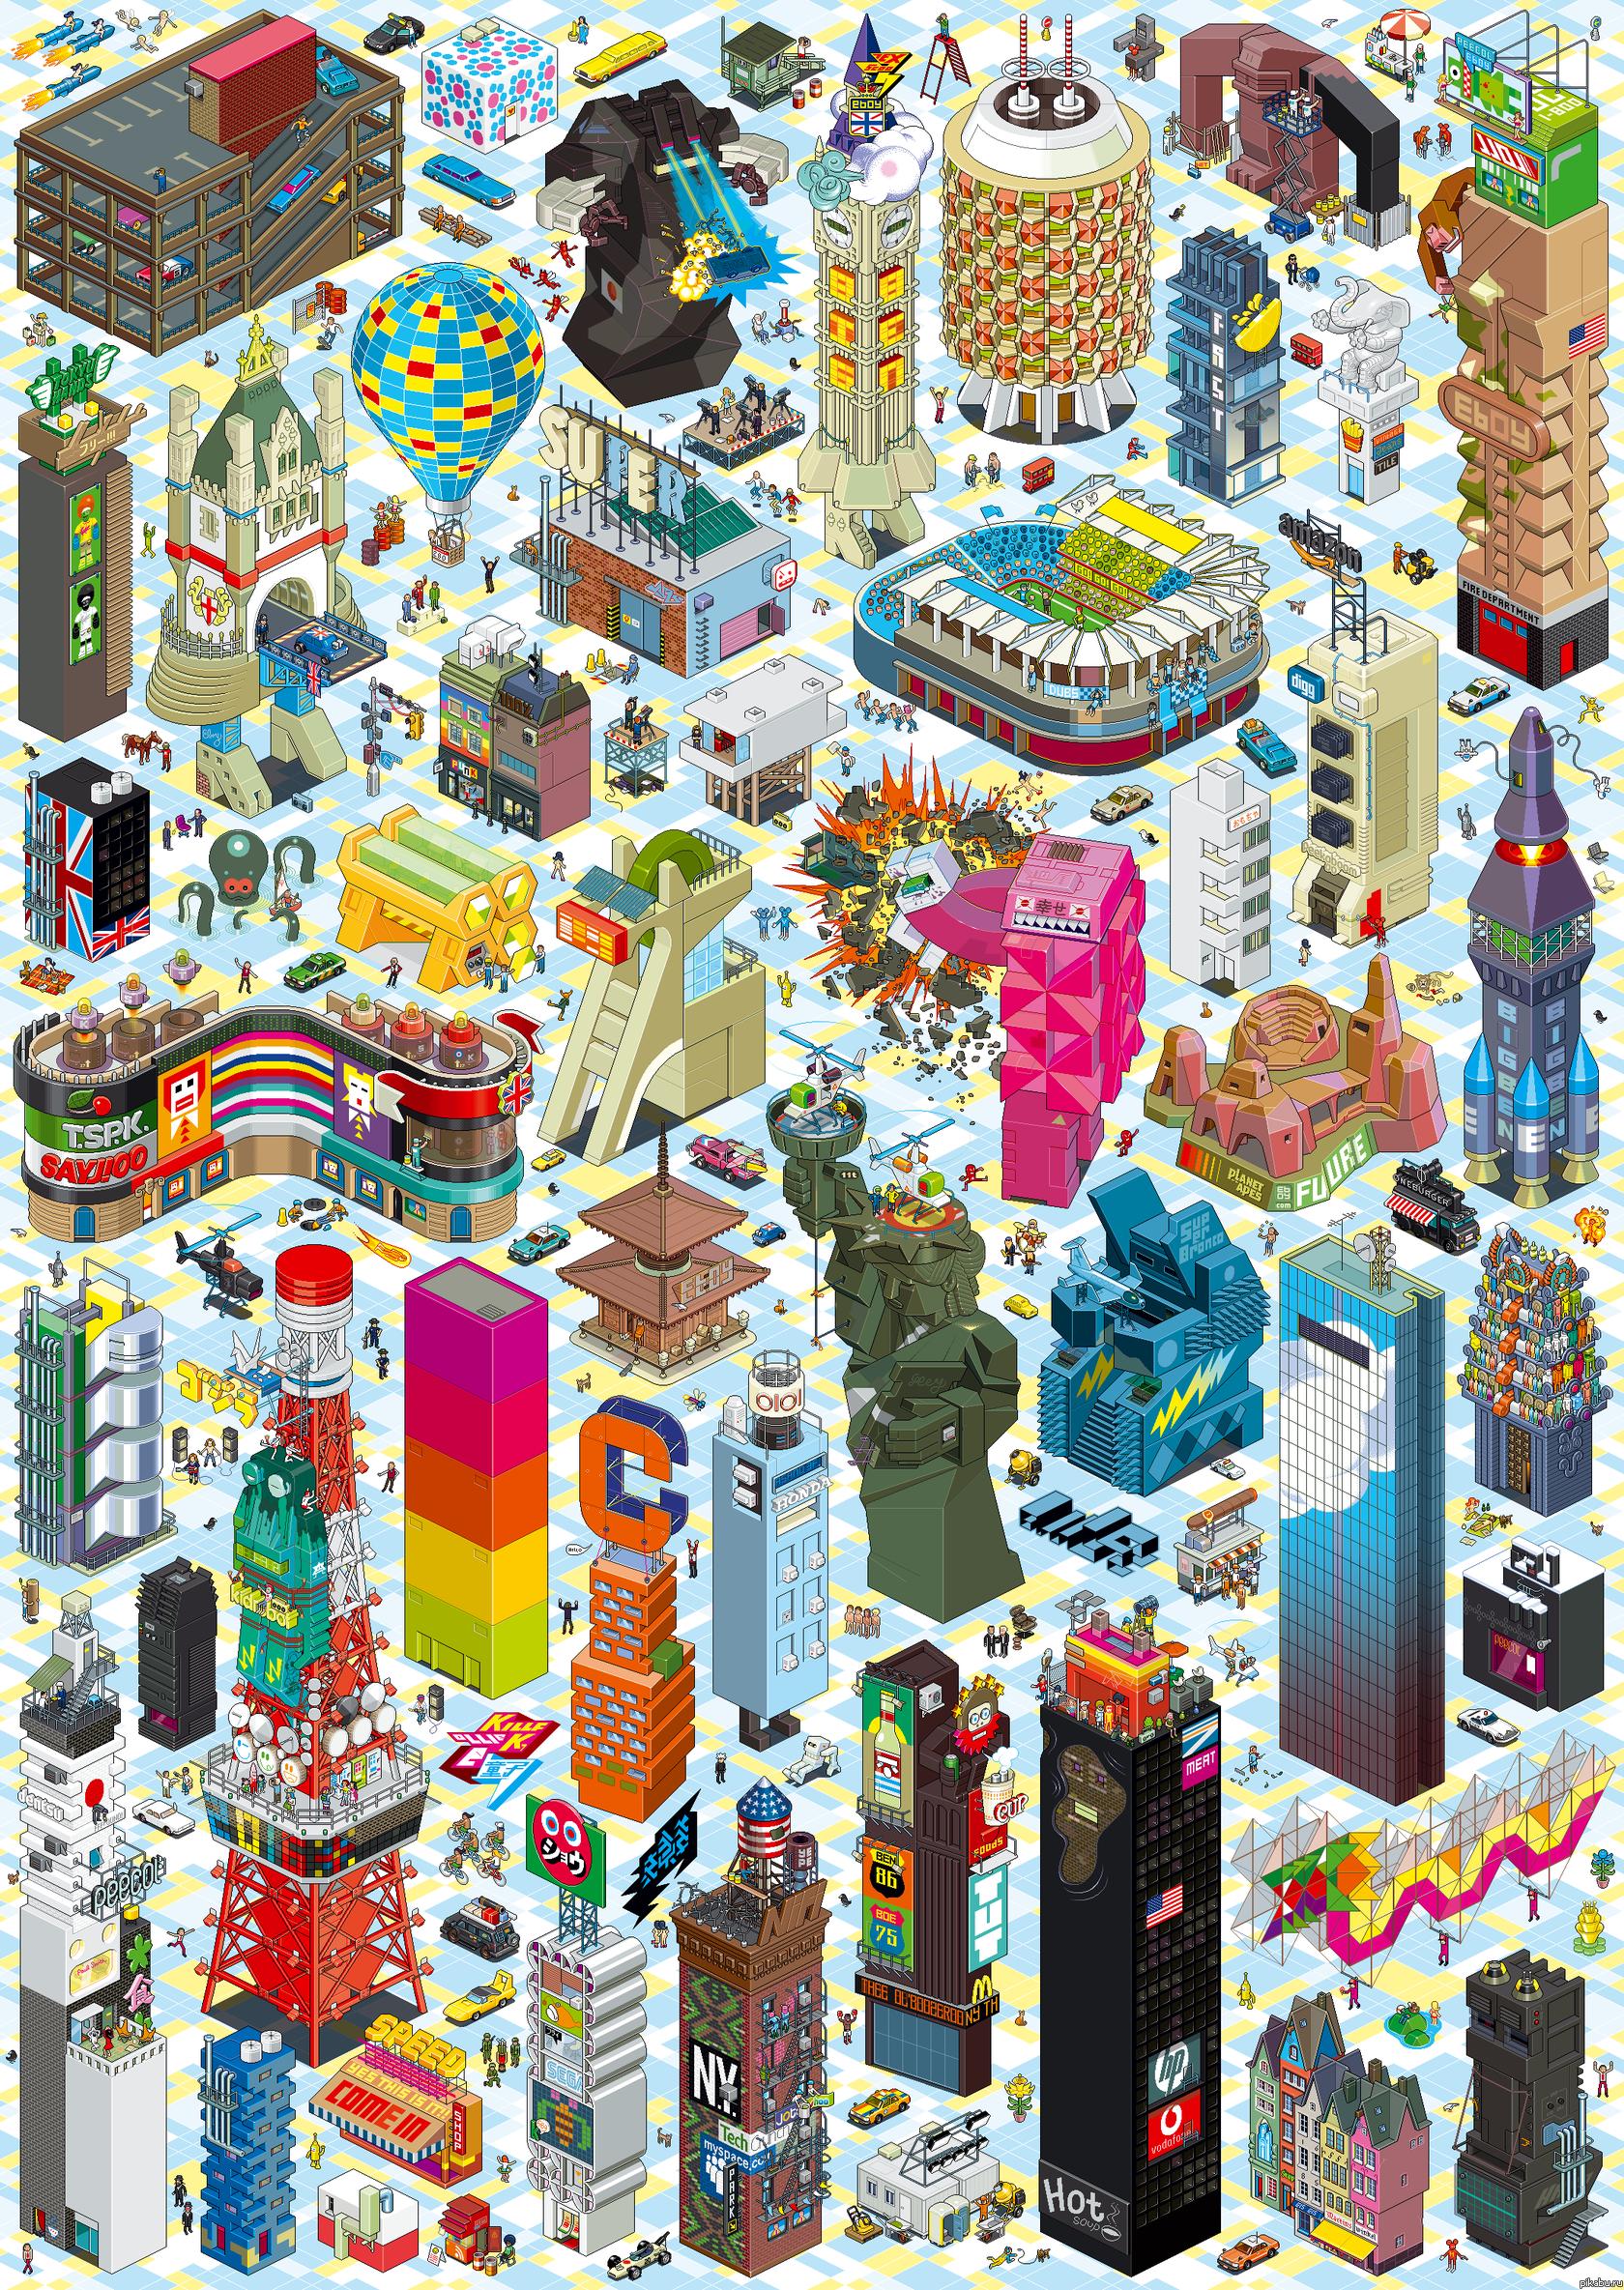 Еще немного Pixsel Art`а Картинка большая, так что можно тыкать и рассматривать )